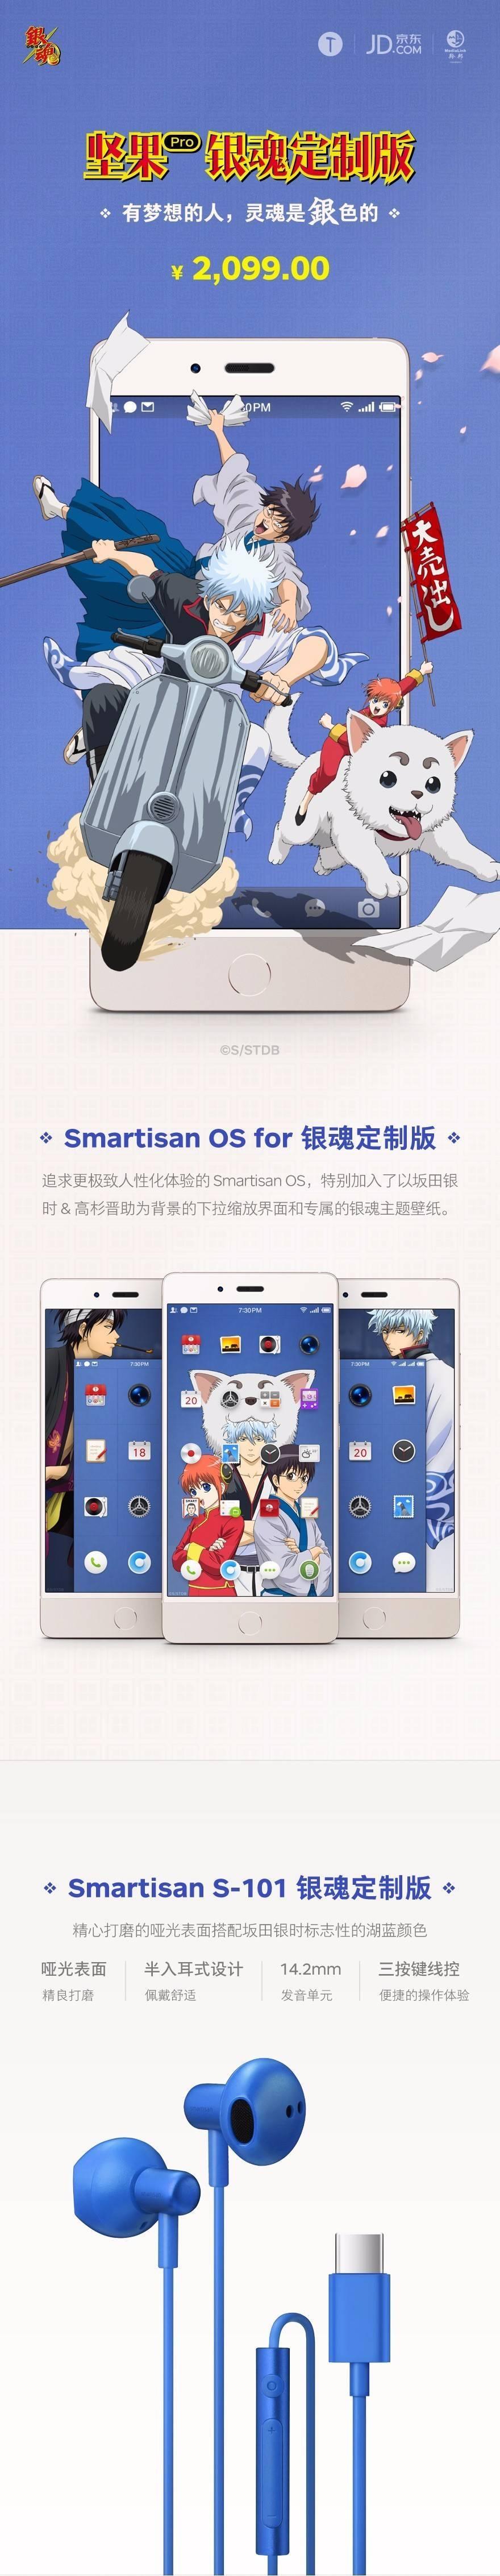 坚果 Pro 银魂定制版开启预约,8 月 28 日 10:00 限量发售